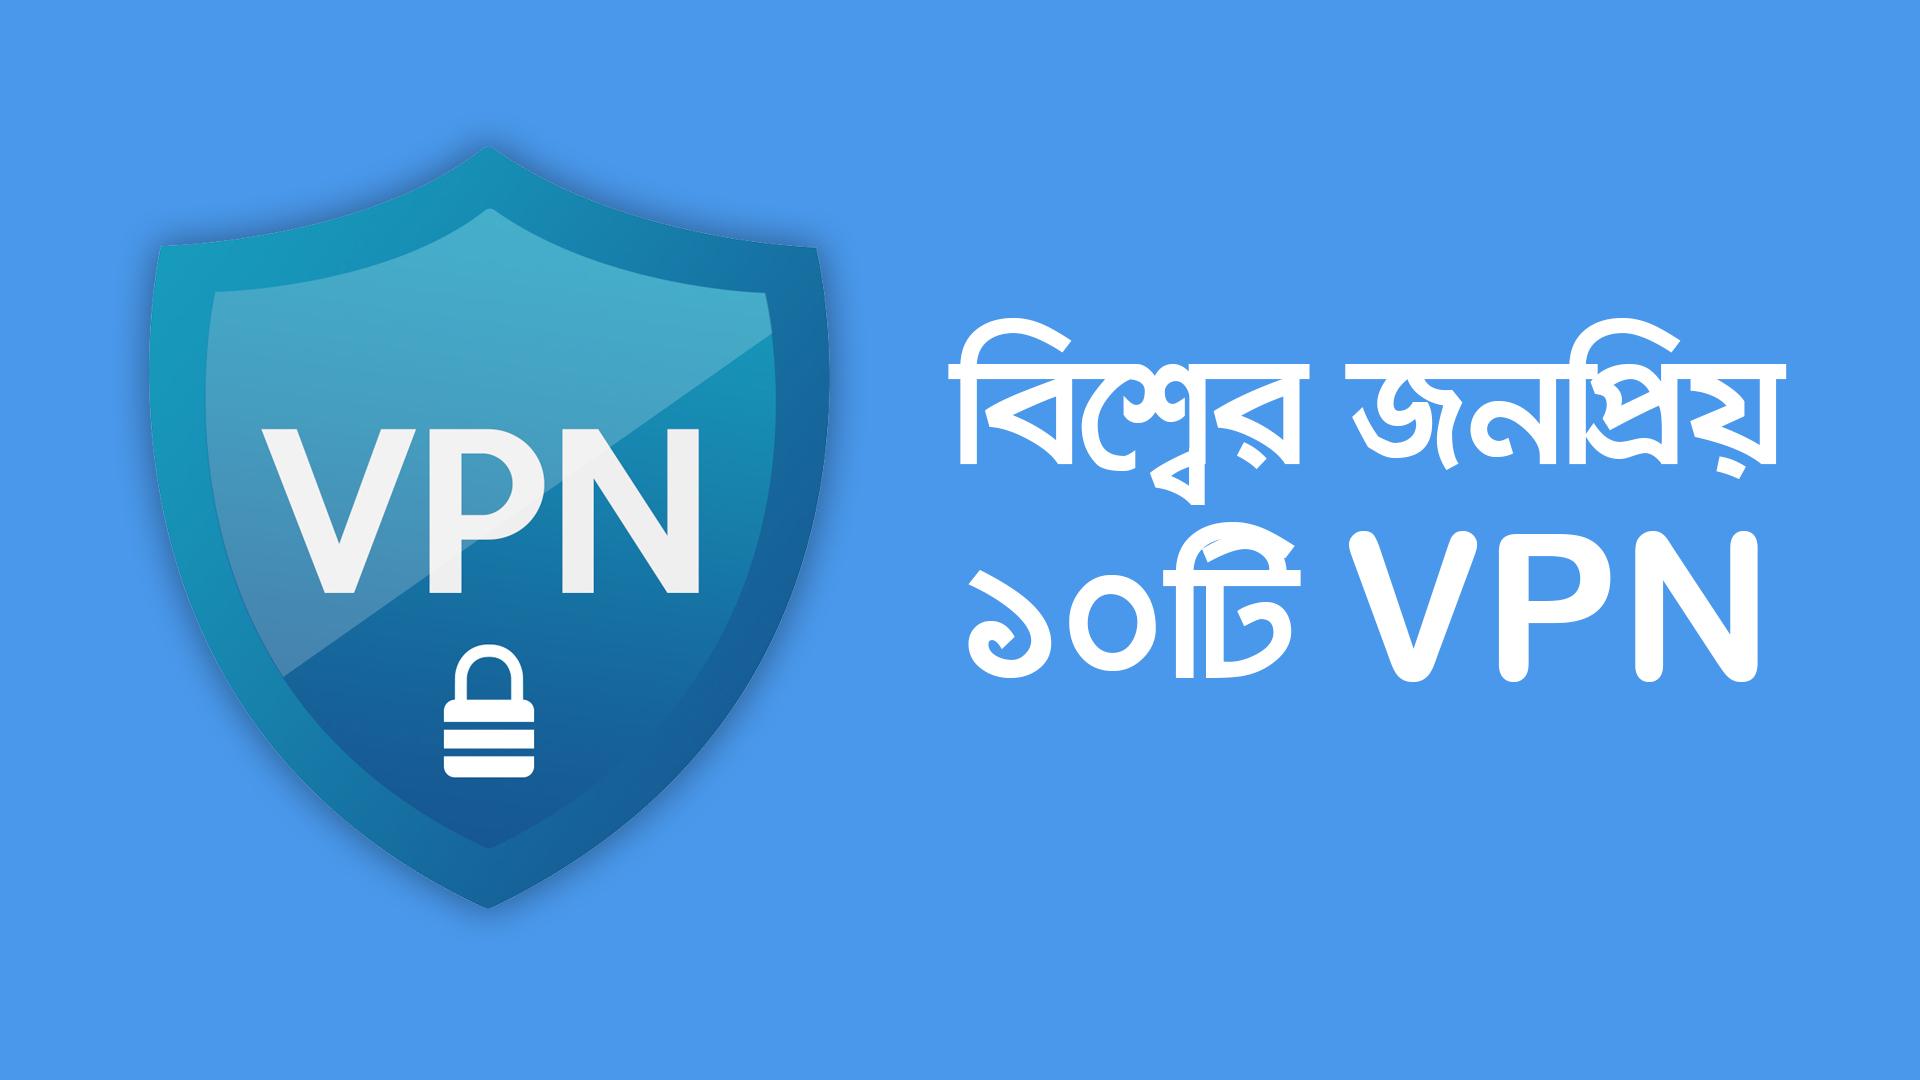 বাংলাদেশের মধ্যে সেরা দশটি  Free VPN । সবচেয়ে জনপ্রিয় দশটি Free VPN এর তালিকা । ডাউনলোড বেস্ট ভিপিএন 2021